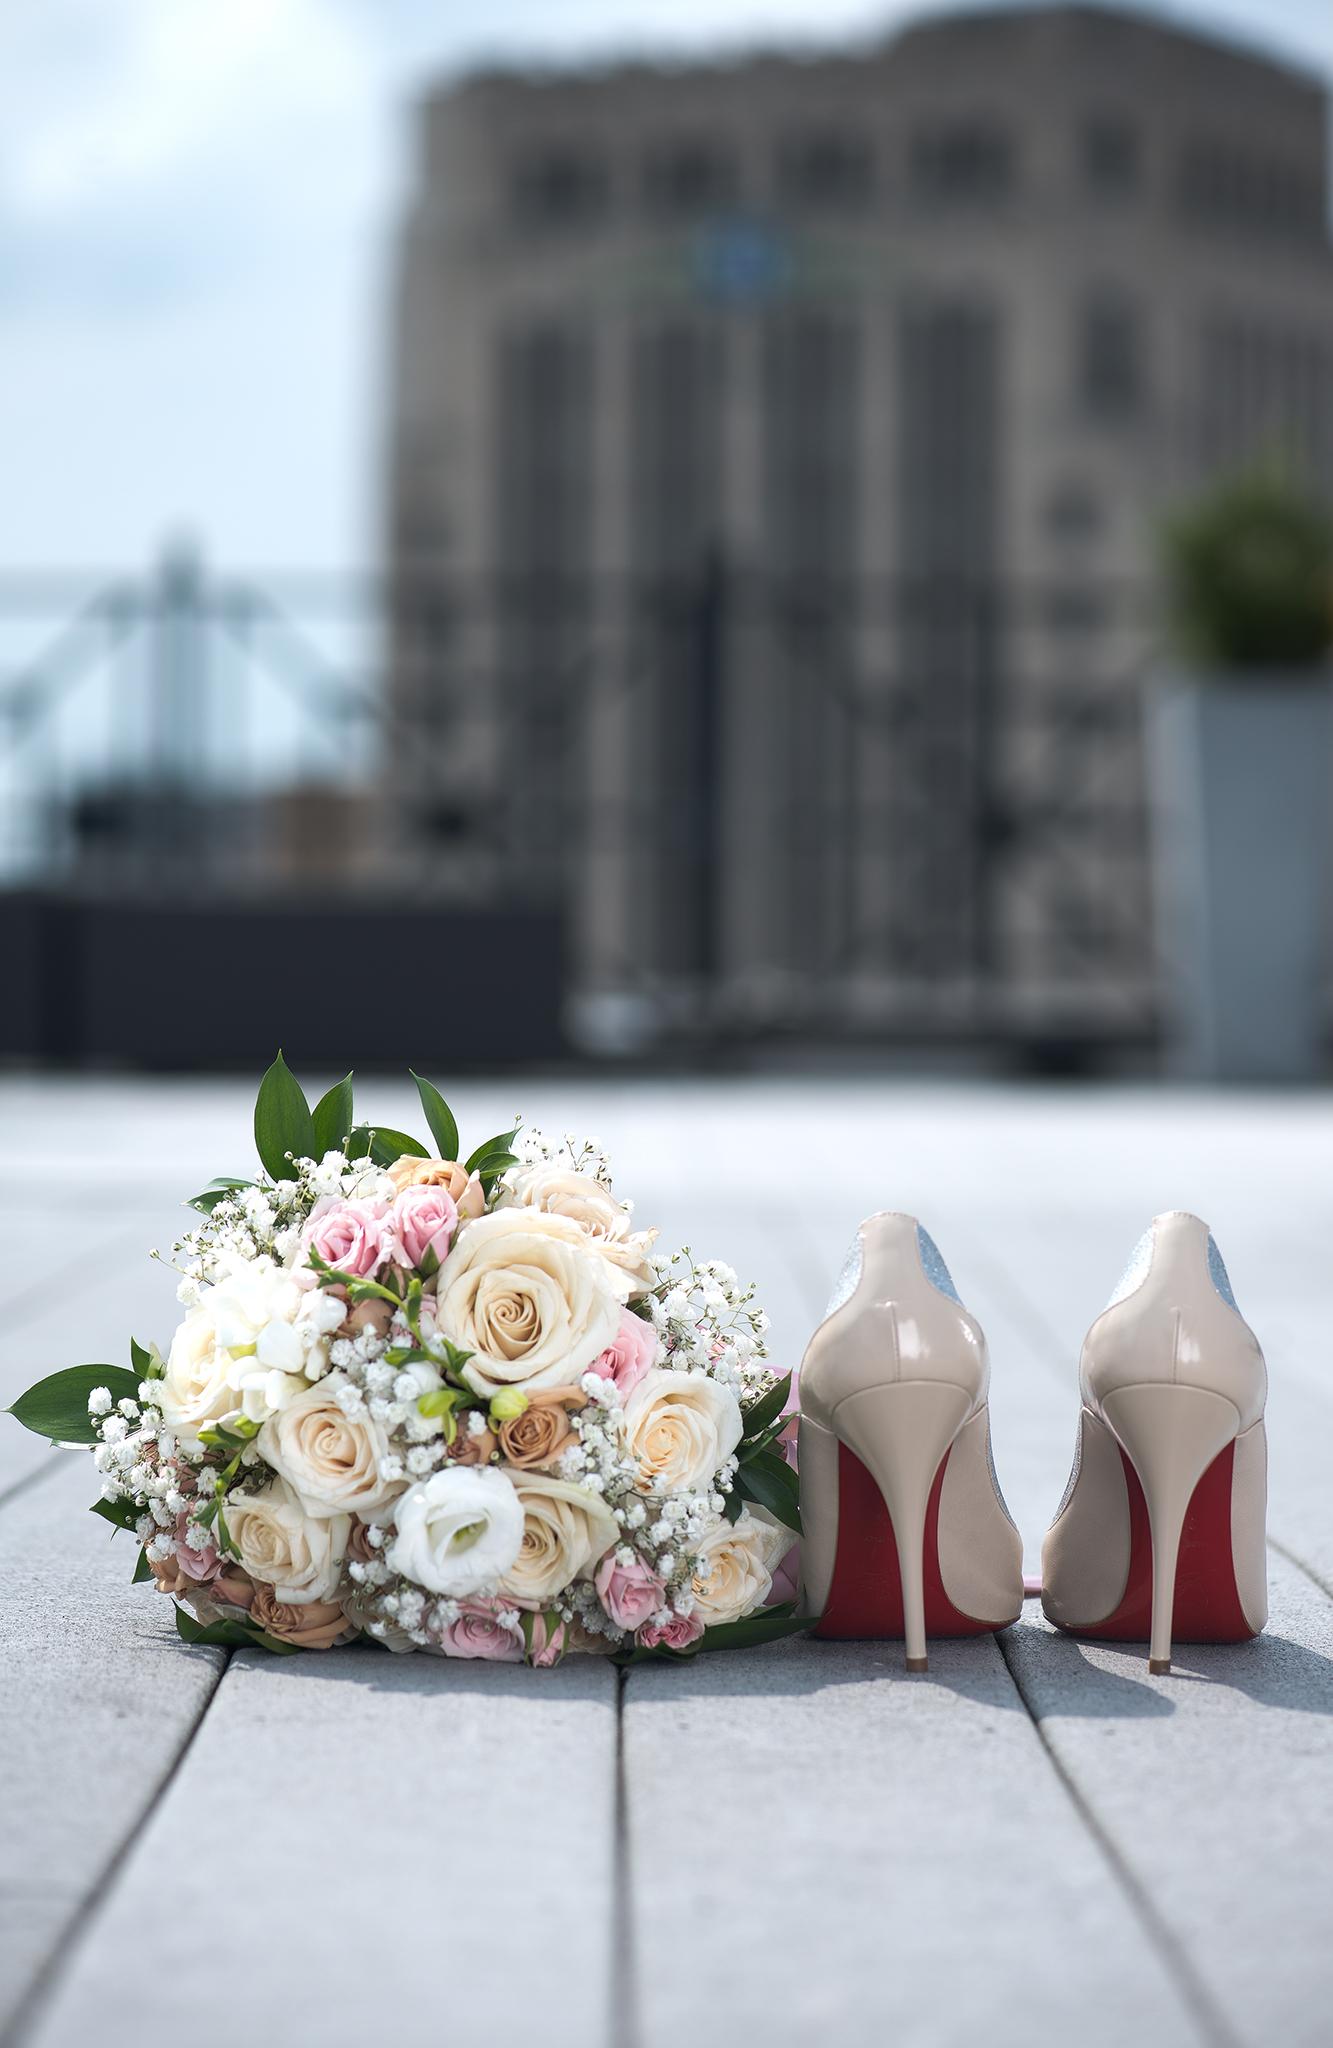 heels to roses(WEB).jpg